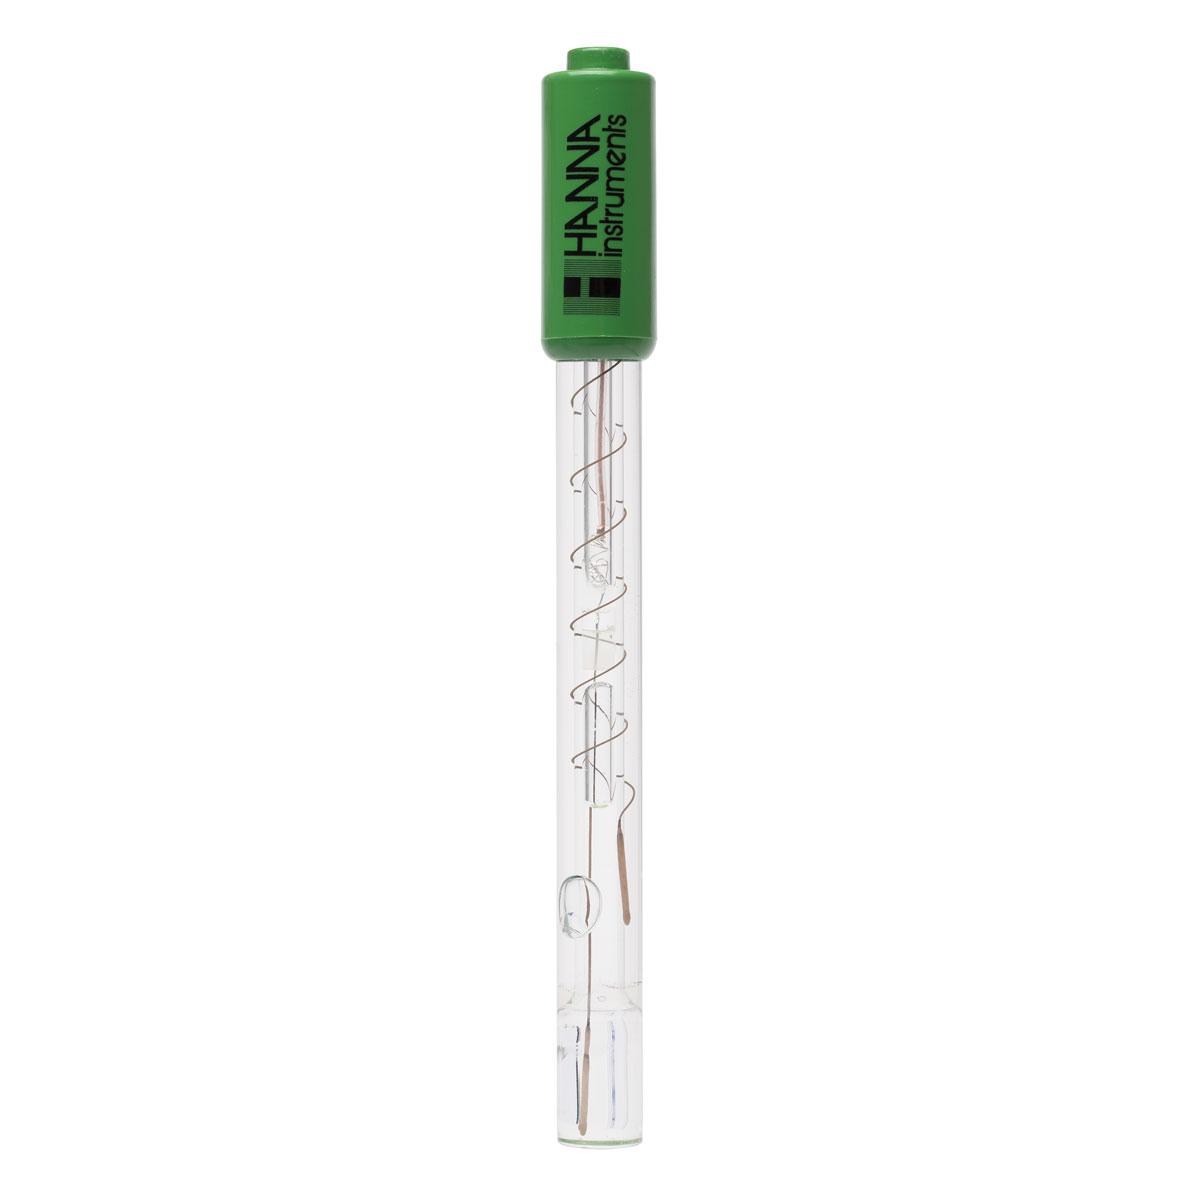 Elettrodo pH con punta piatta per superfici e pelle e con connettore BNC - HI1413B